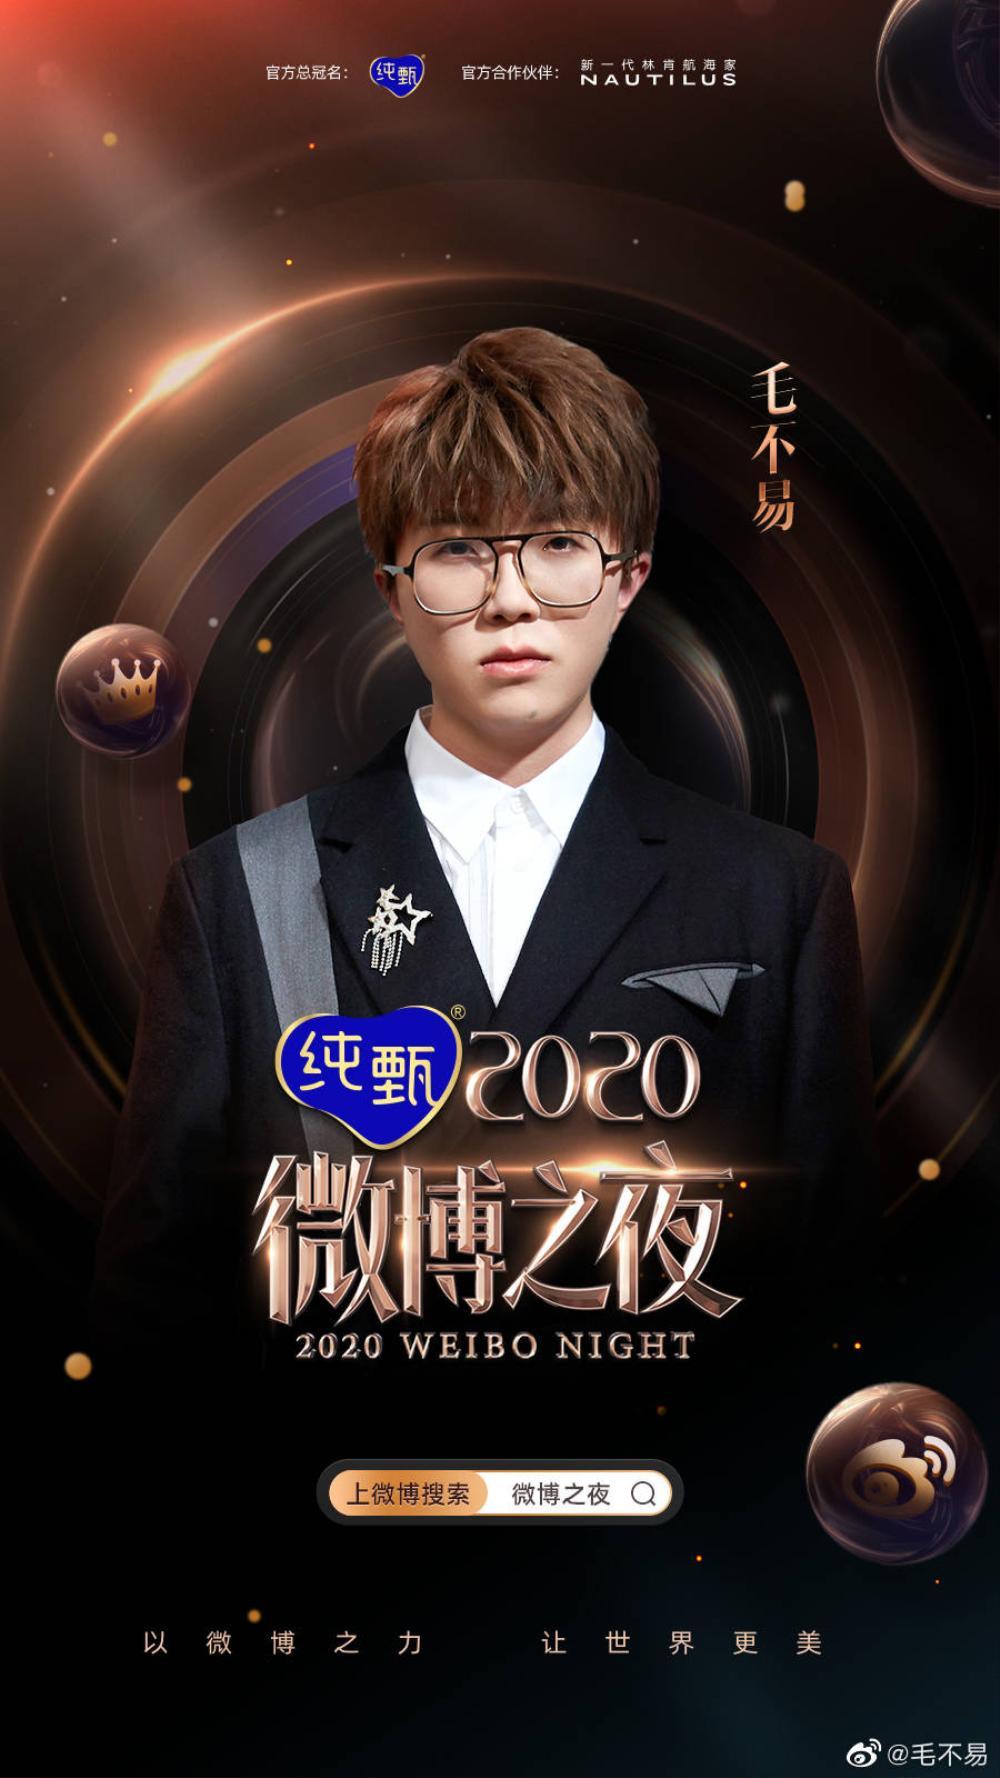 Tiêu Chiến - Địch Lệ Nhiệt Ba và Vương Tuấn Khải xác nhận tham dự 'Đêm hội Weibo 2020' Ảnh 4